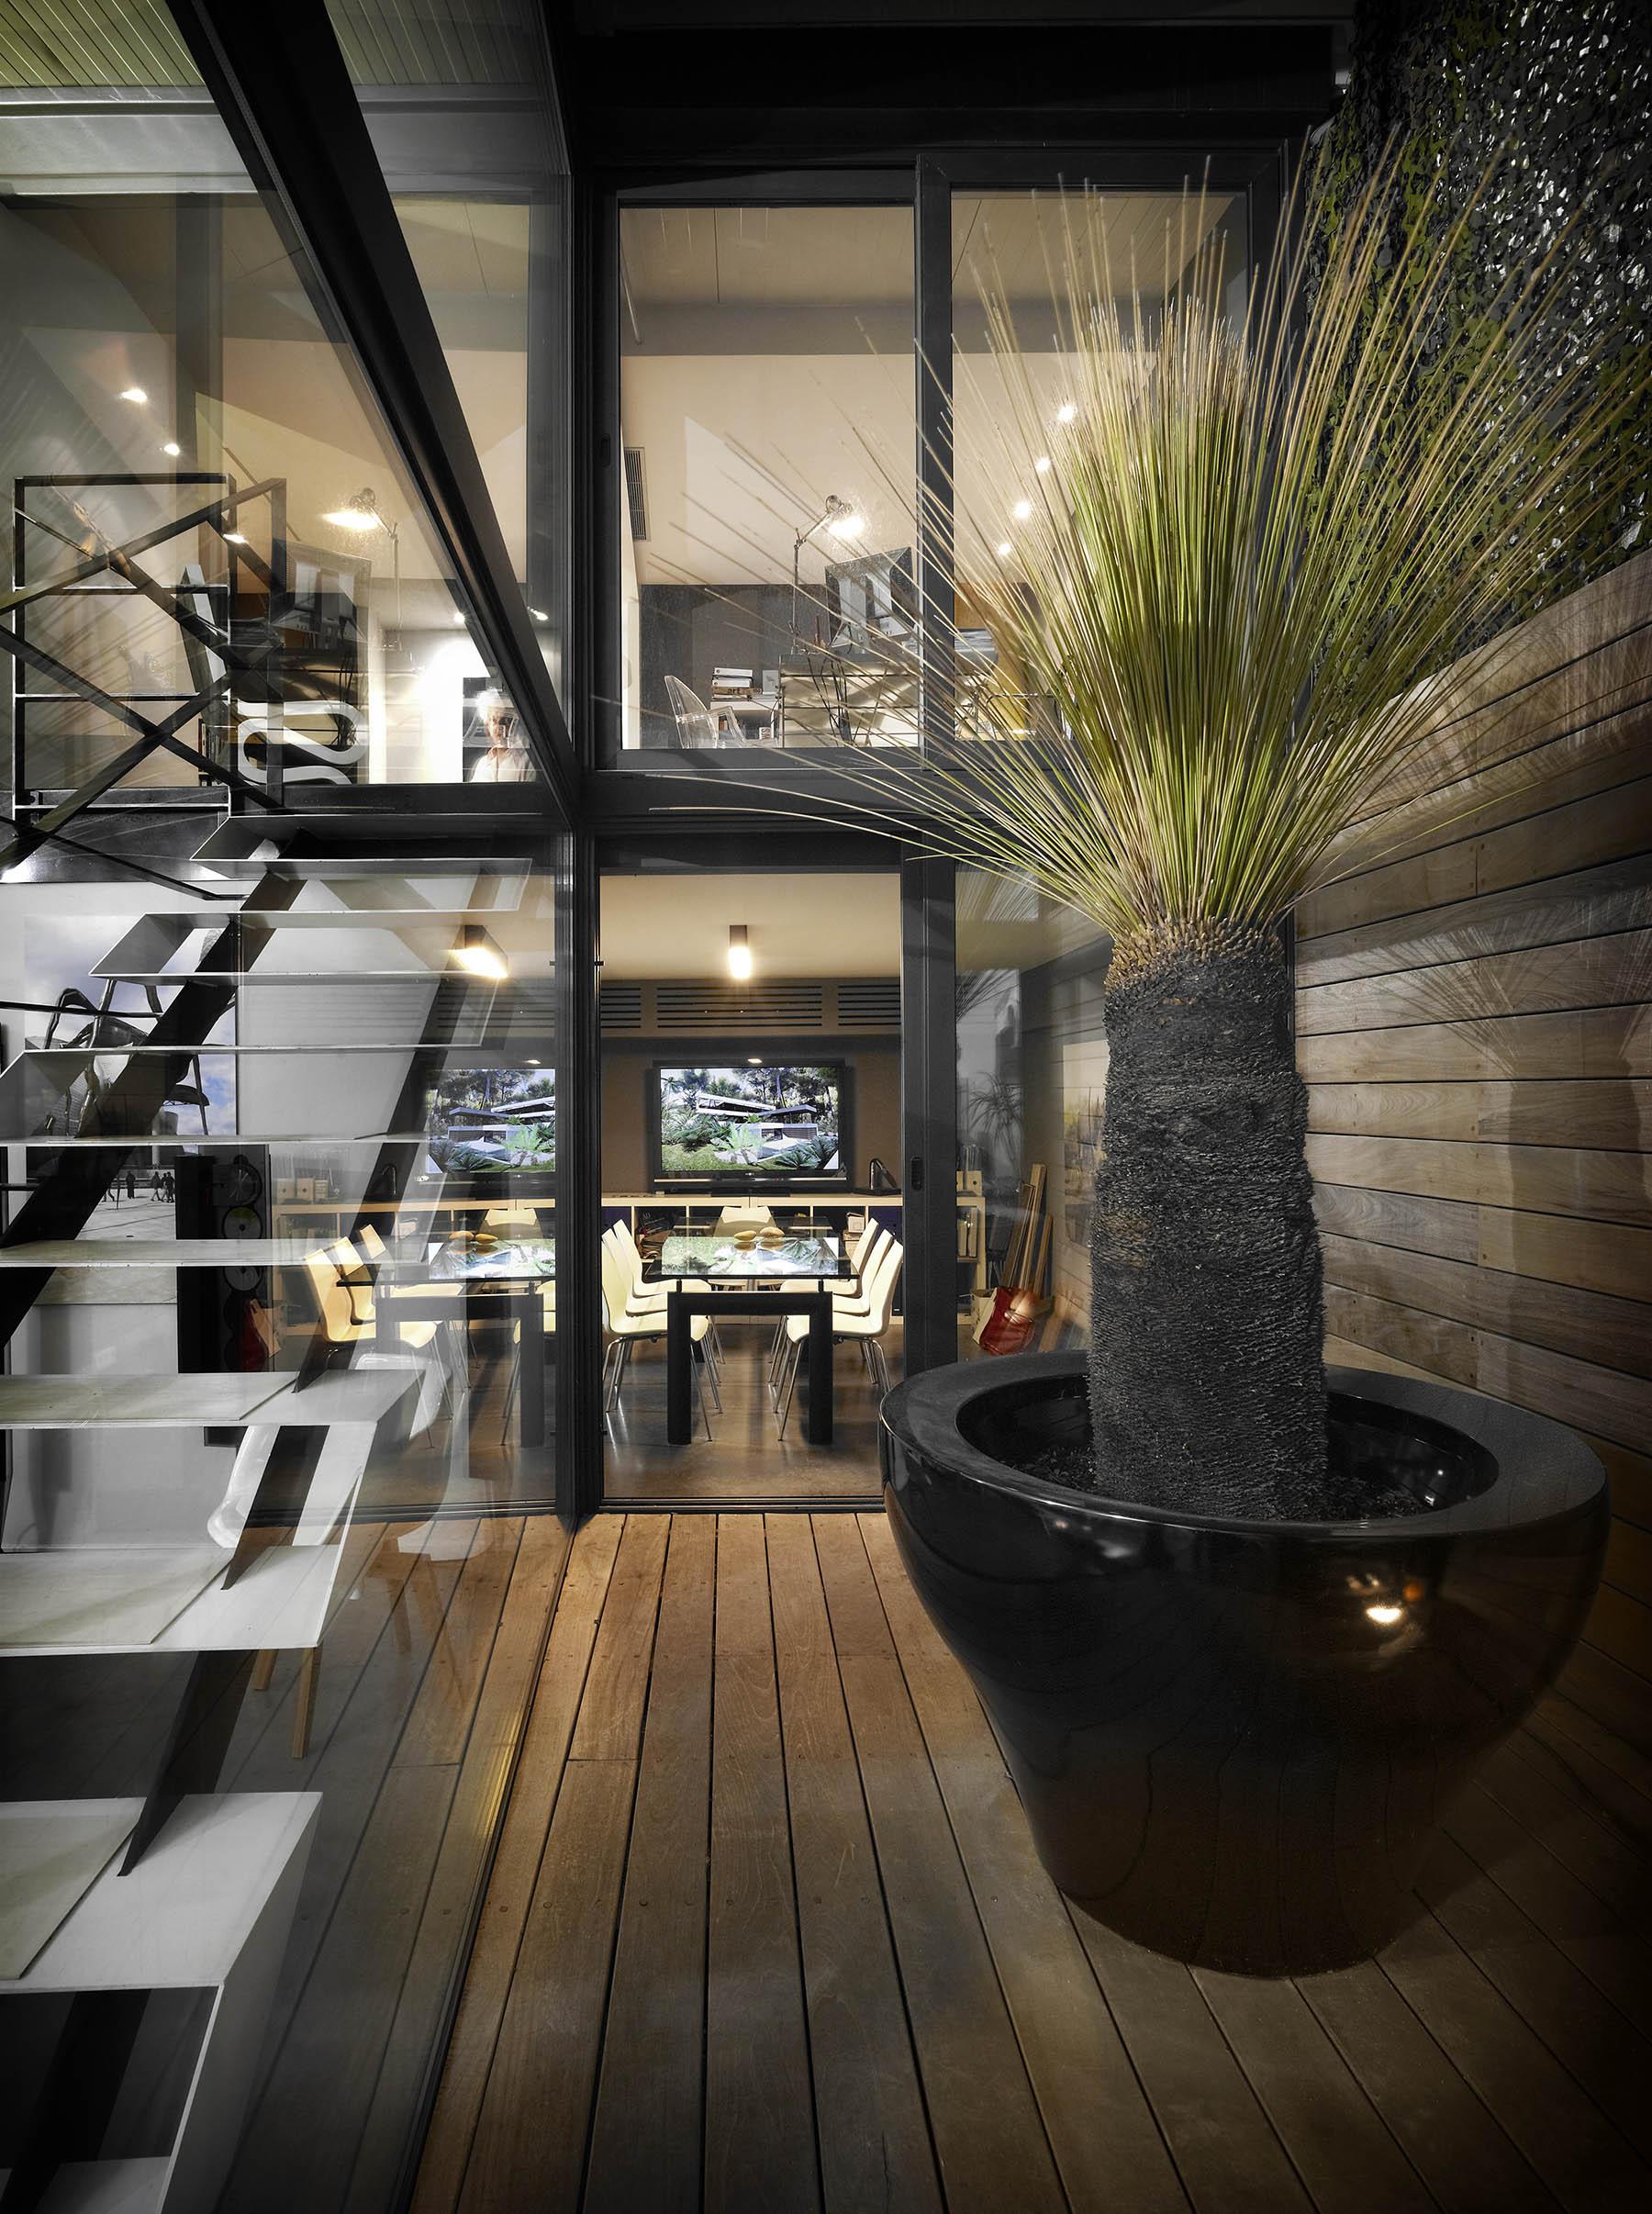 togu-architecture-3.jpg